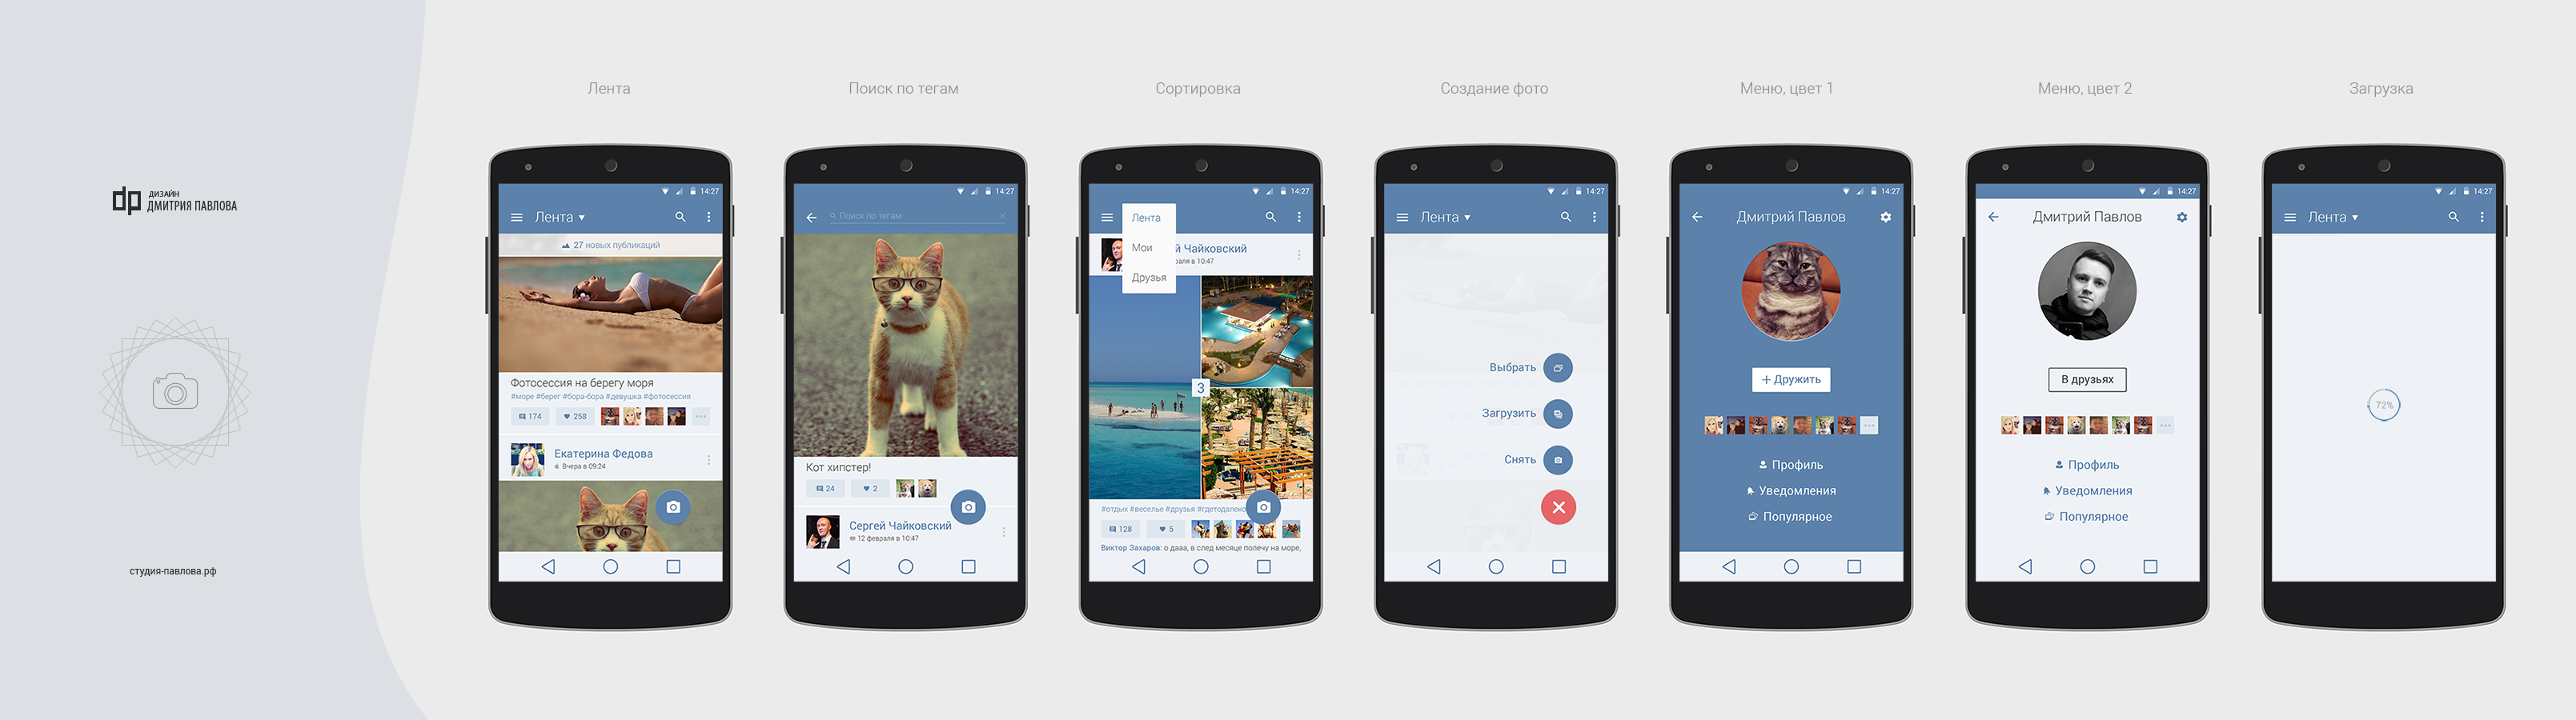 Мобильное приложение: размещение фото (Вконтакте)